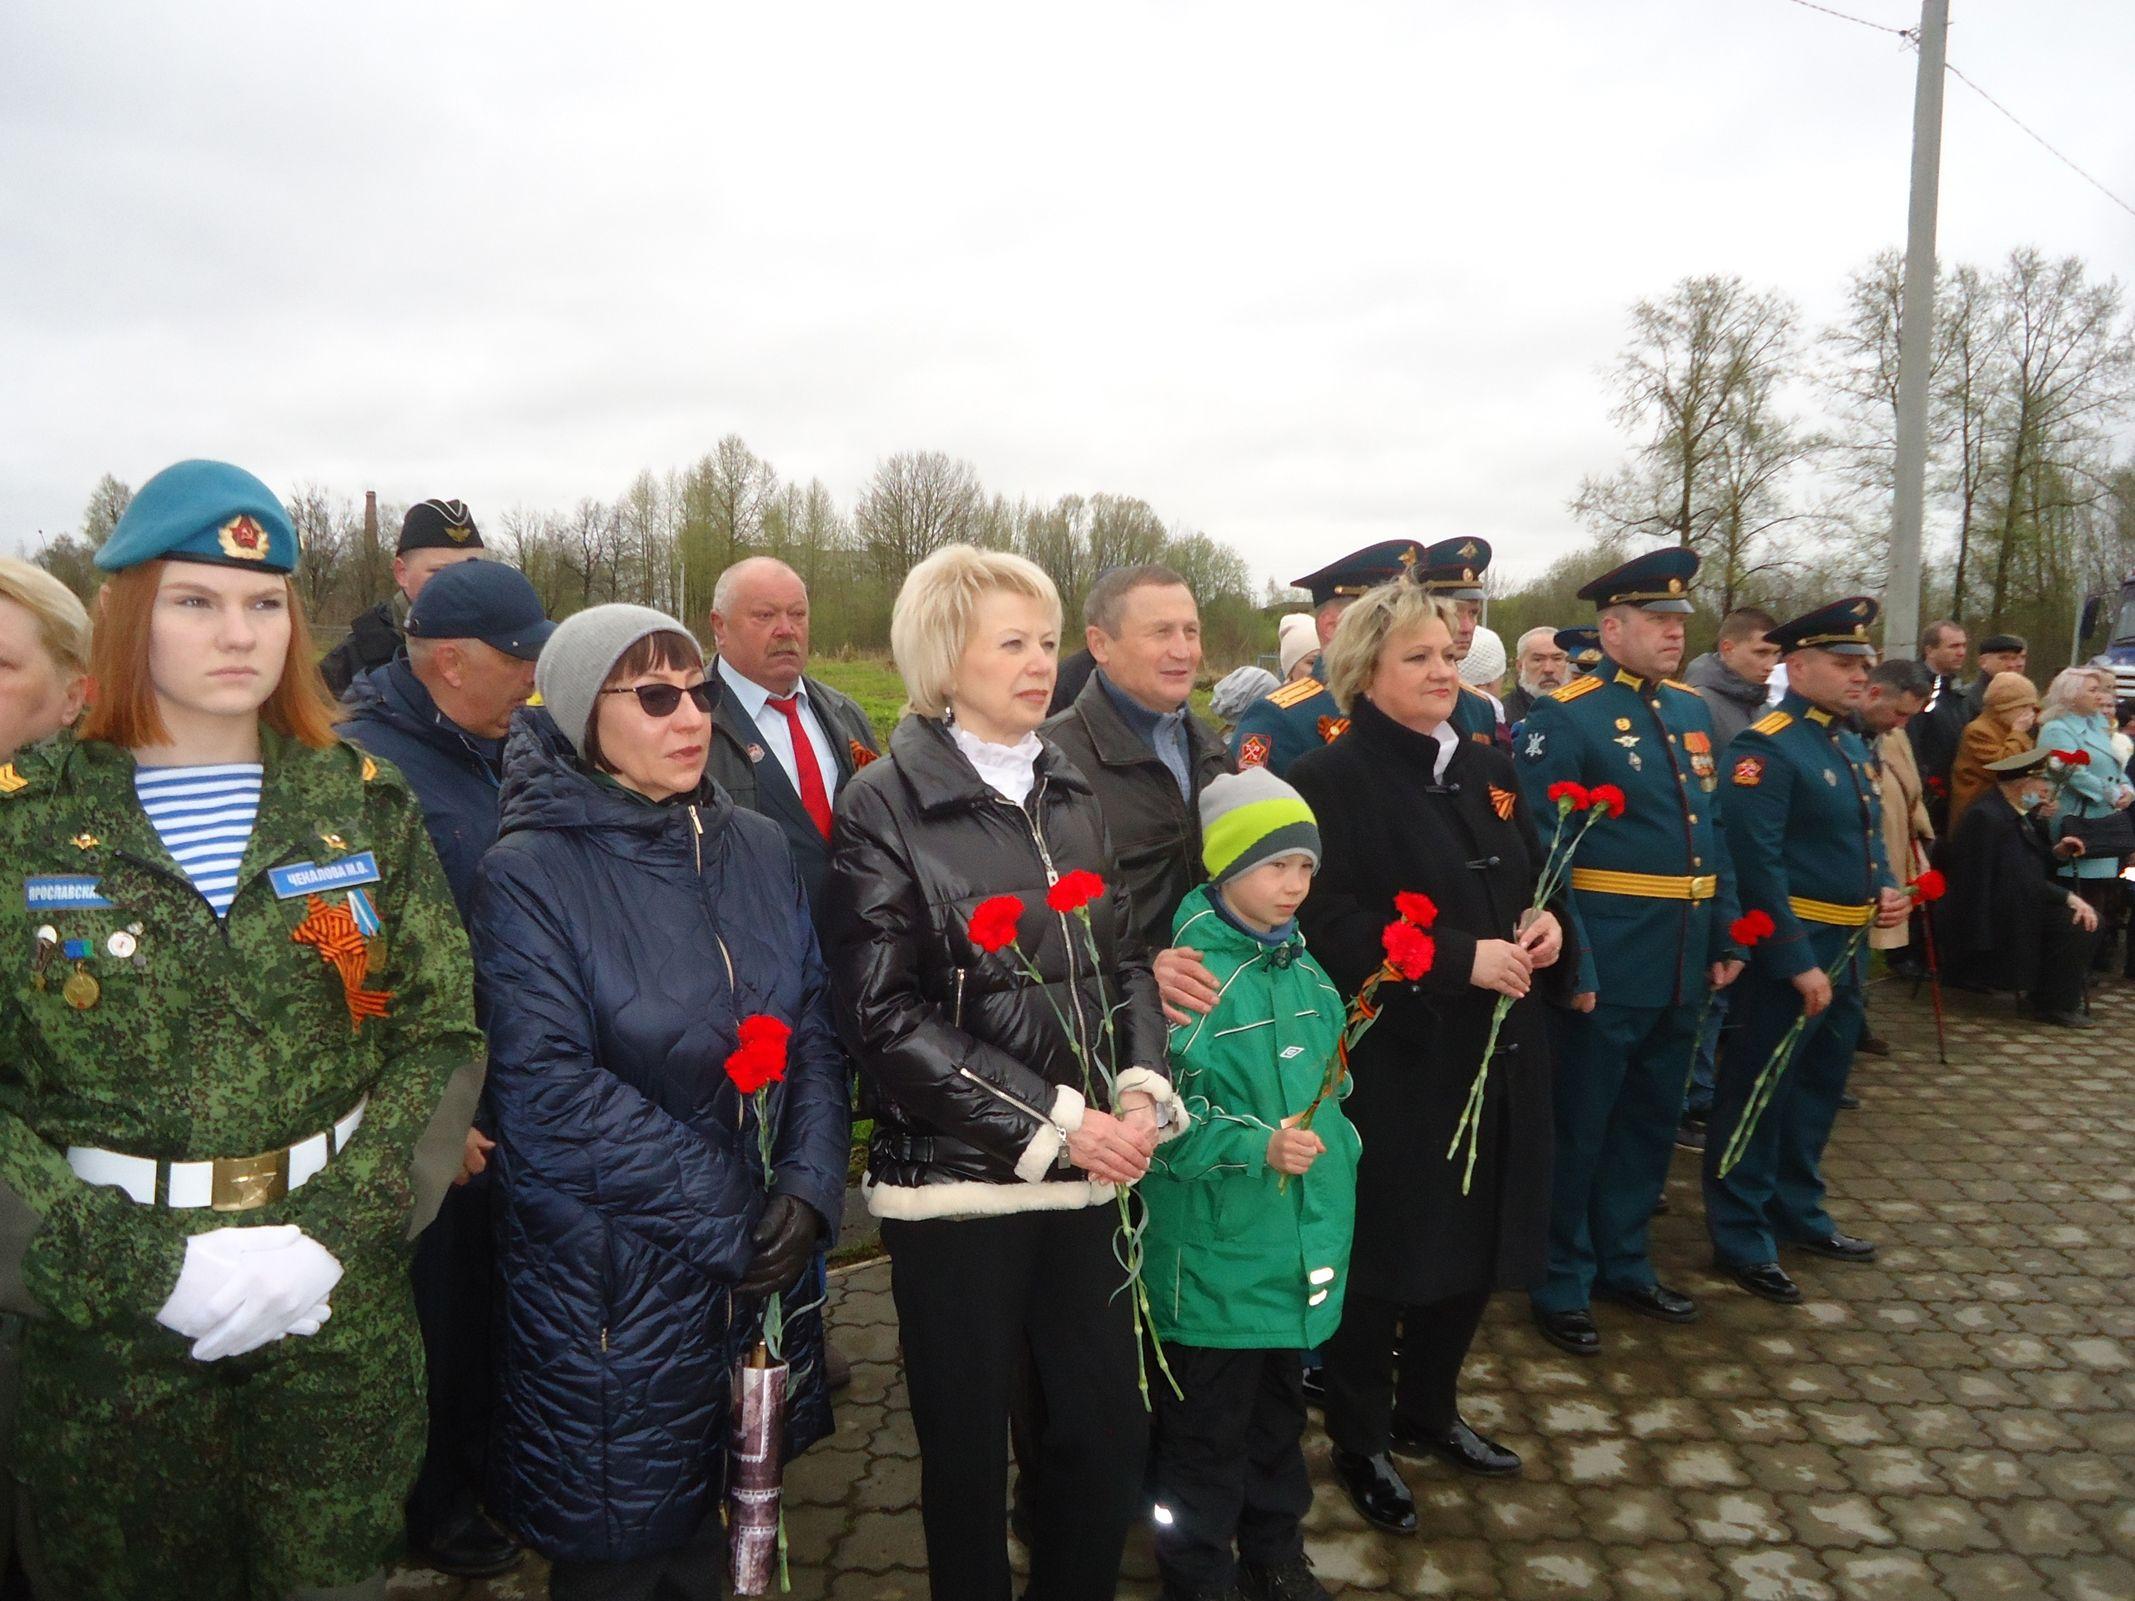 Депутат Лариса Ушакова: «Память и гордость выражаем делами»